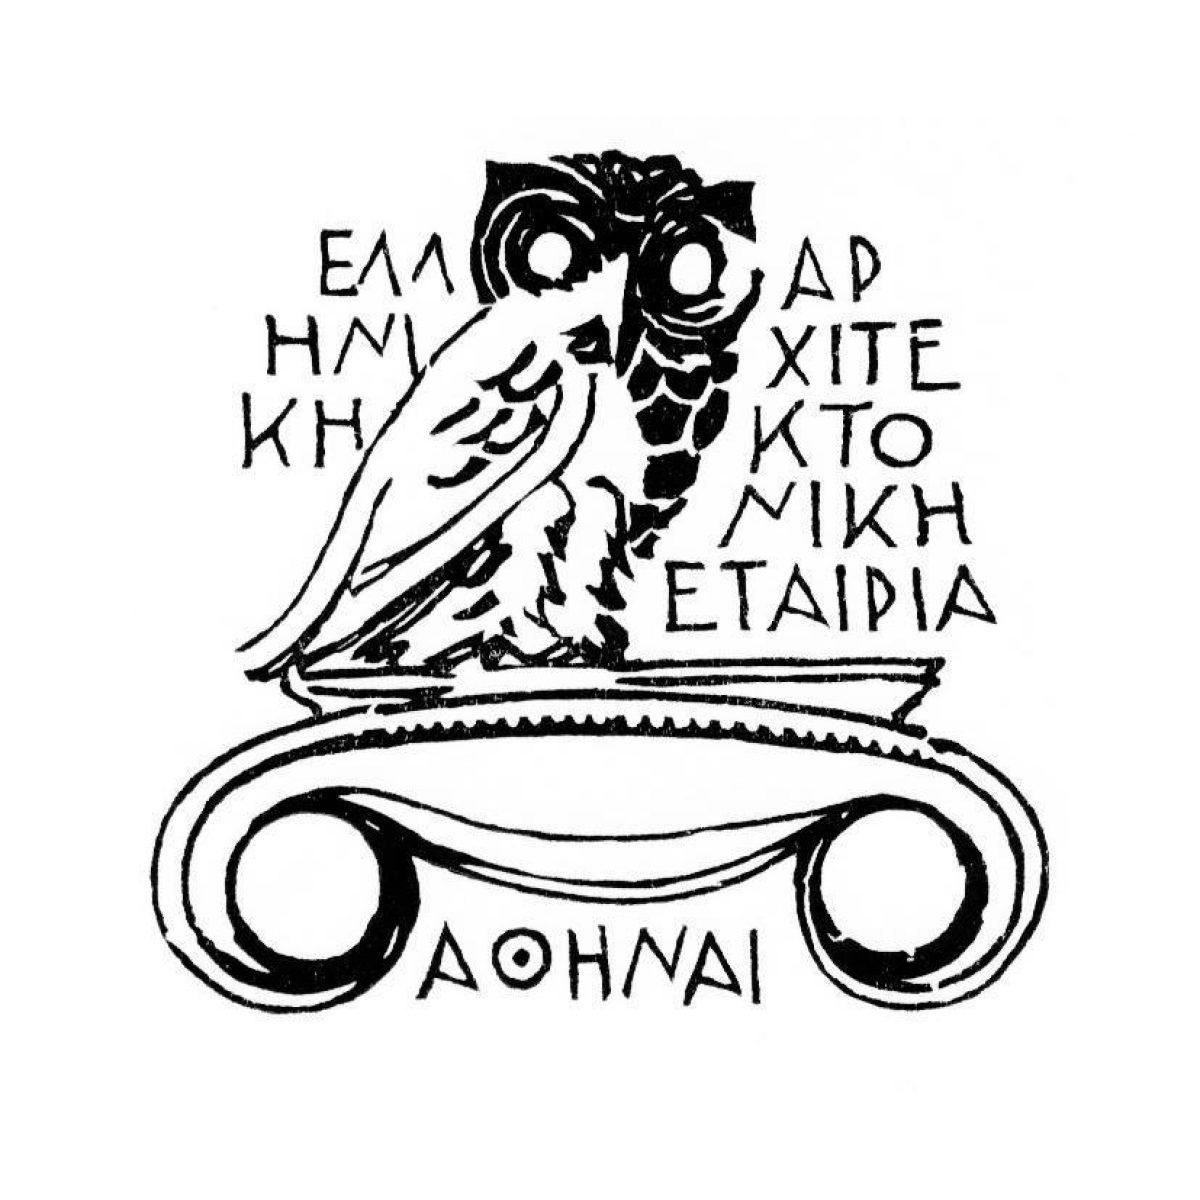 Πρόσκληση στο ετήσιο Δείπνο και την Βασιλόπιτα της Ελληνικής Αρχιτεκτονικής Εταιρείας, Τρίτη 29.1.2019